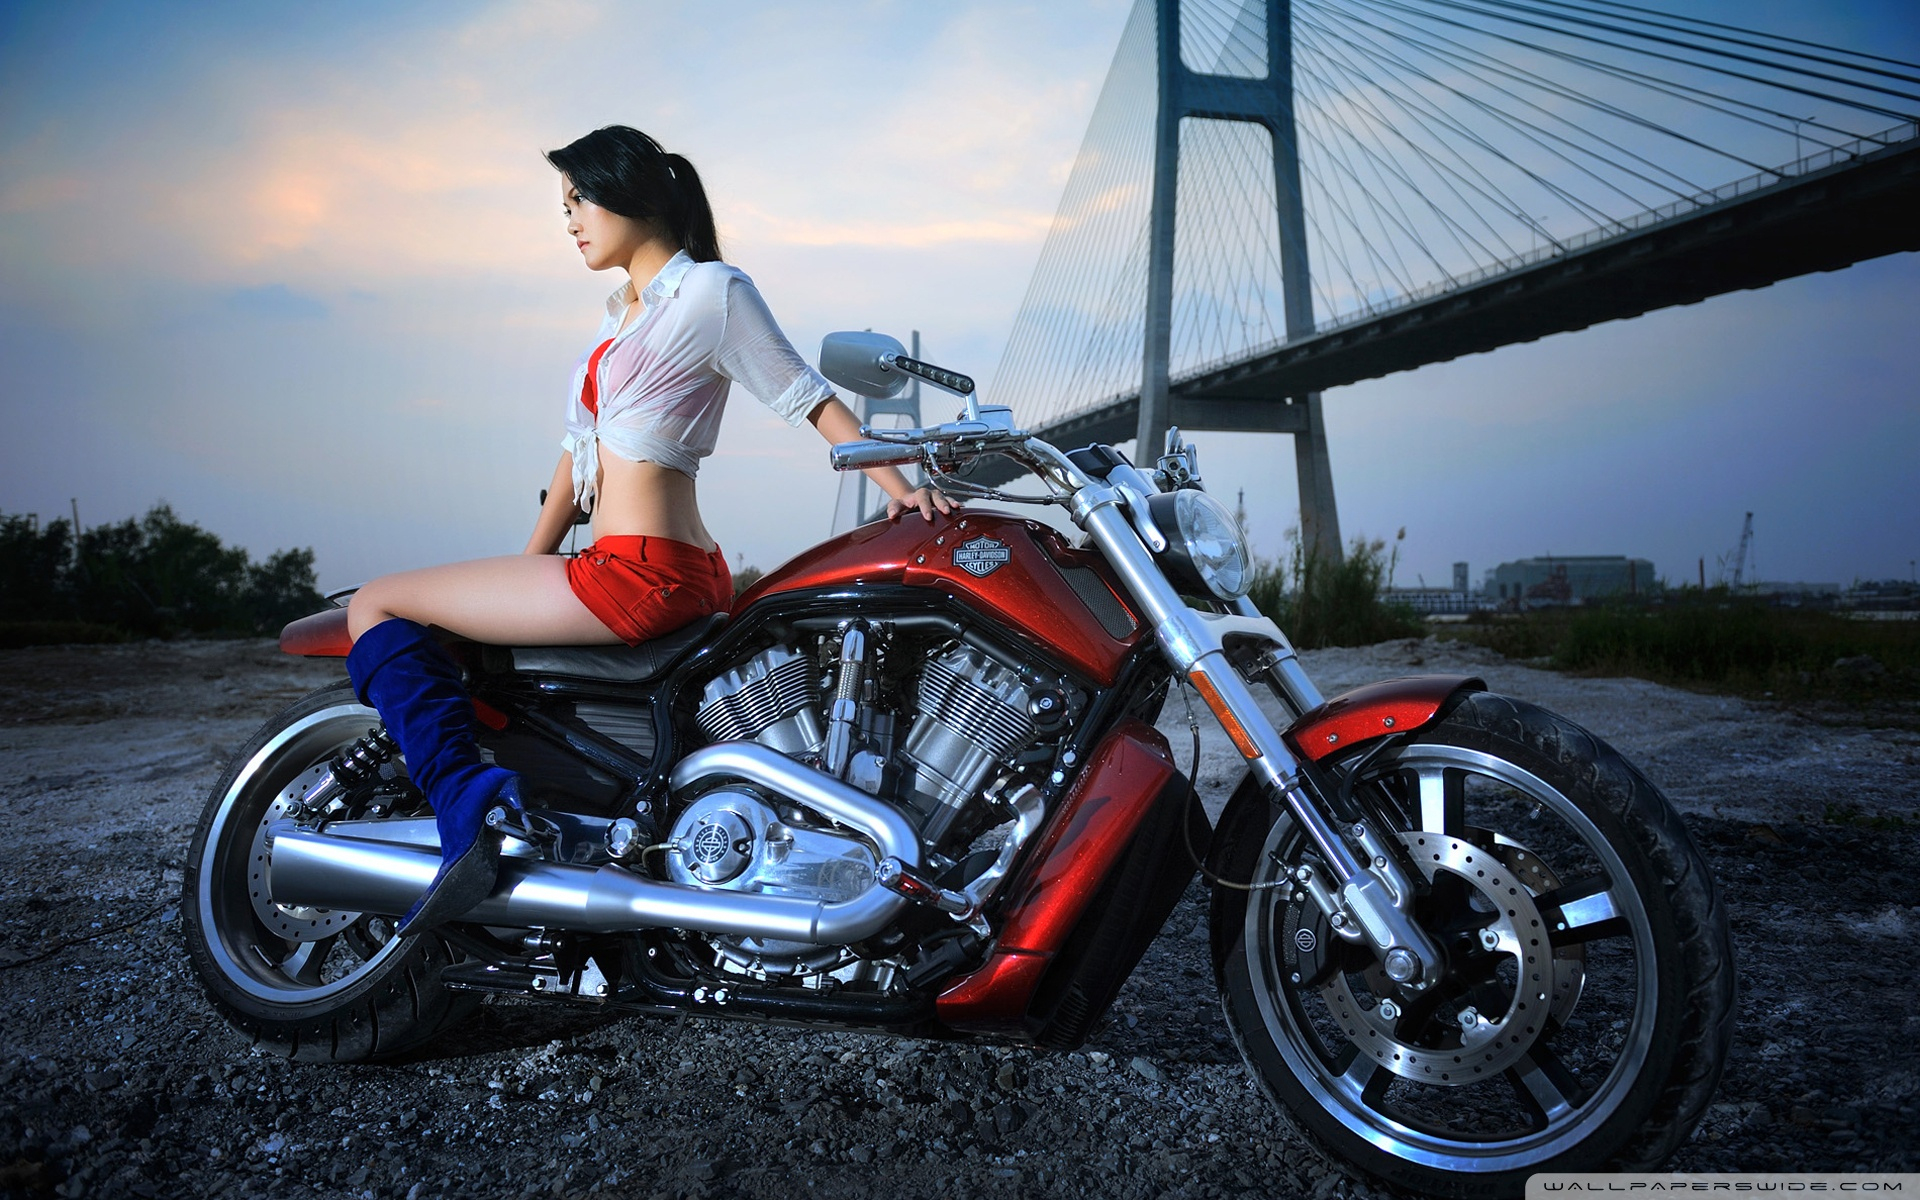 Harley Davidson Hintergrundbilder | Harley Davidson Frei Fotos bestimmt für Harley Davidson Hintergrundbilder